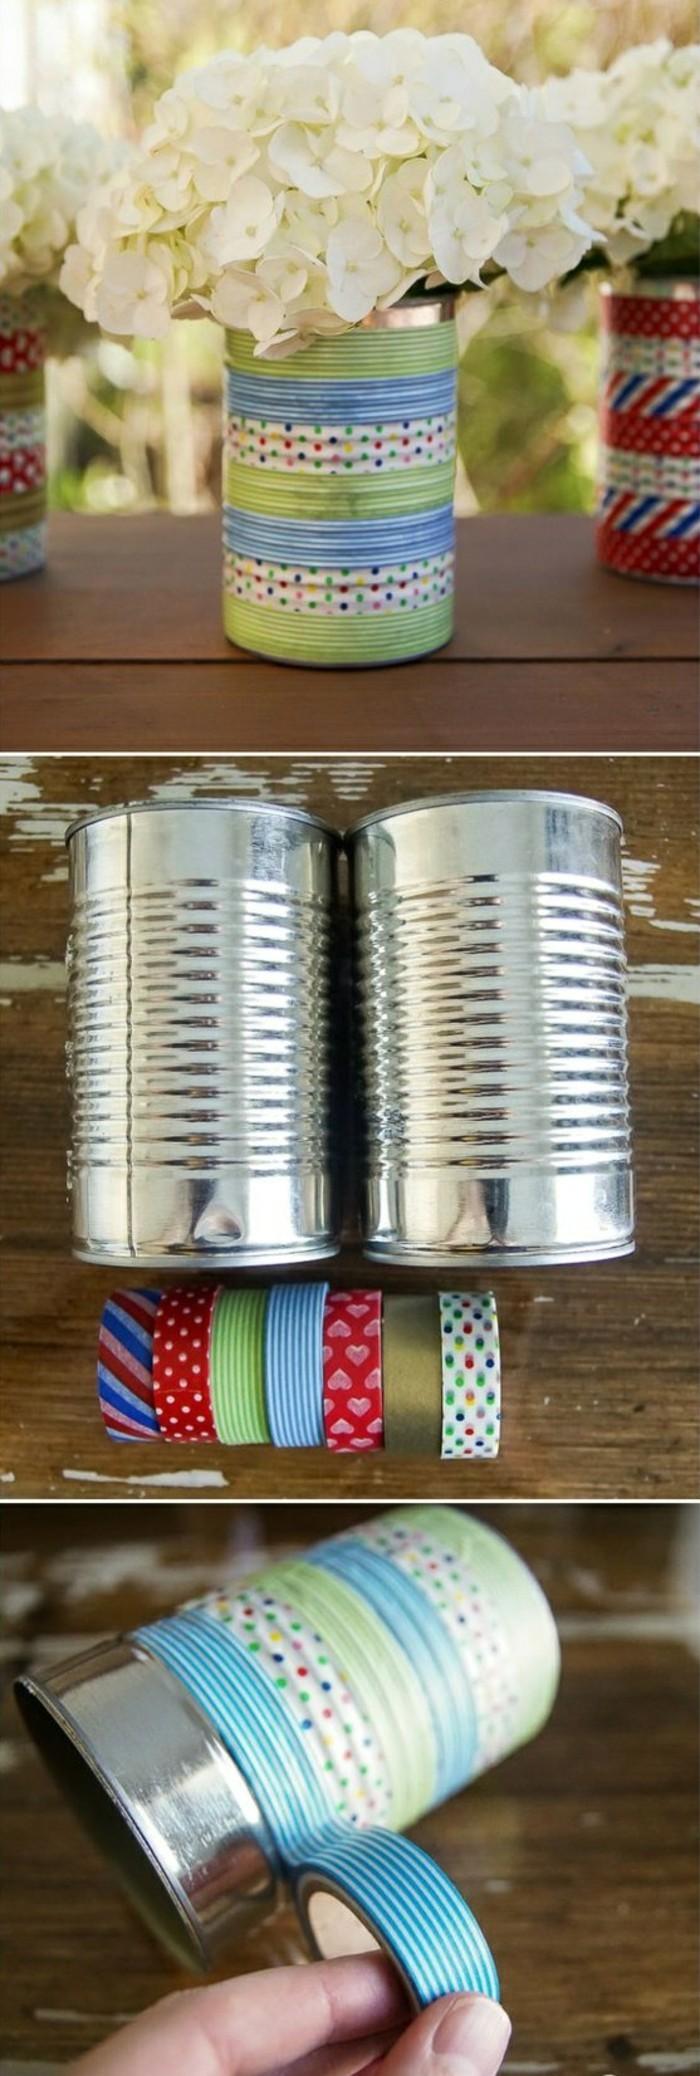 barattoli-latta-idea-decorazione-nastri-adesivi-colorati-riciclo-vaso-fiori